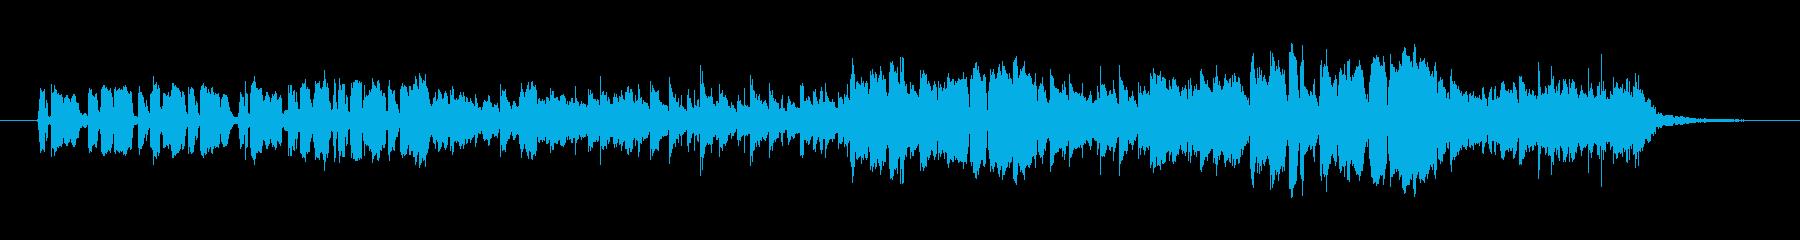 開拓地のbgmの再生済みの波形